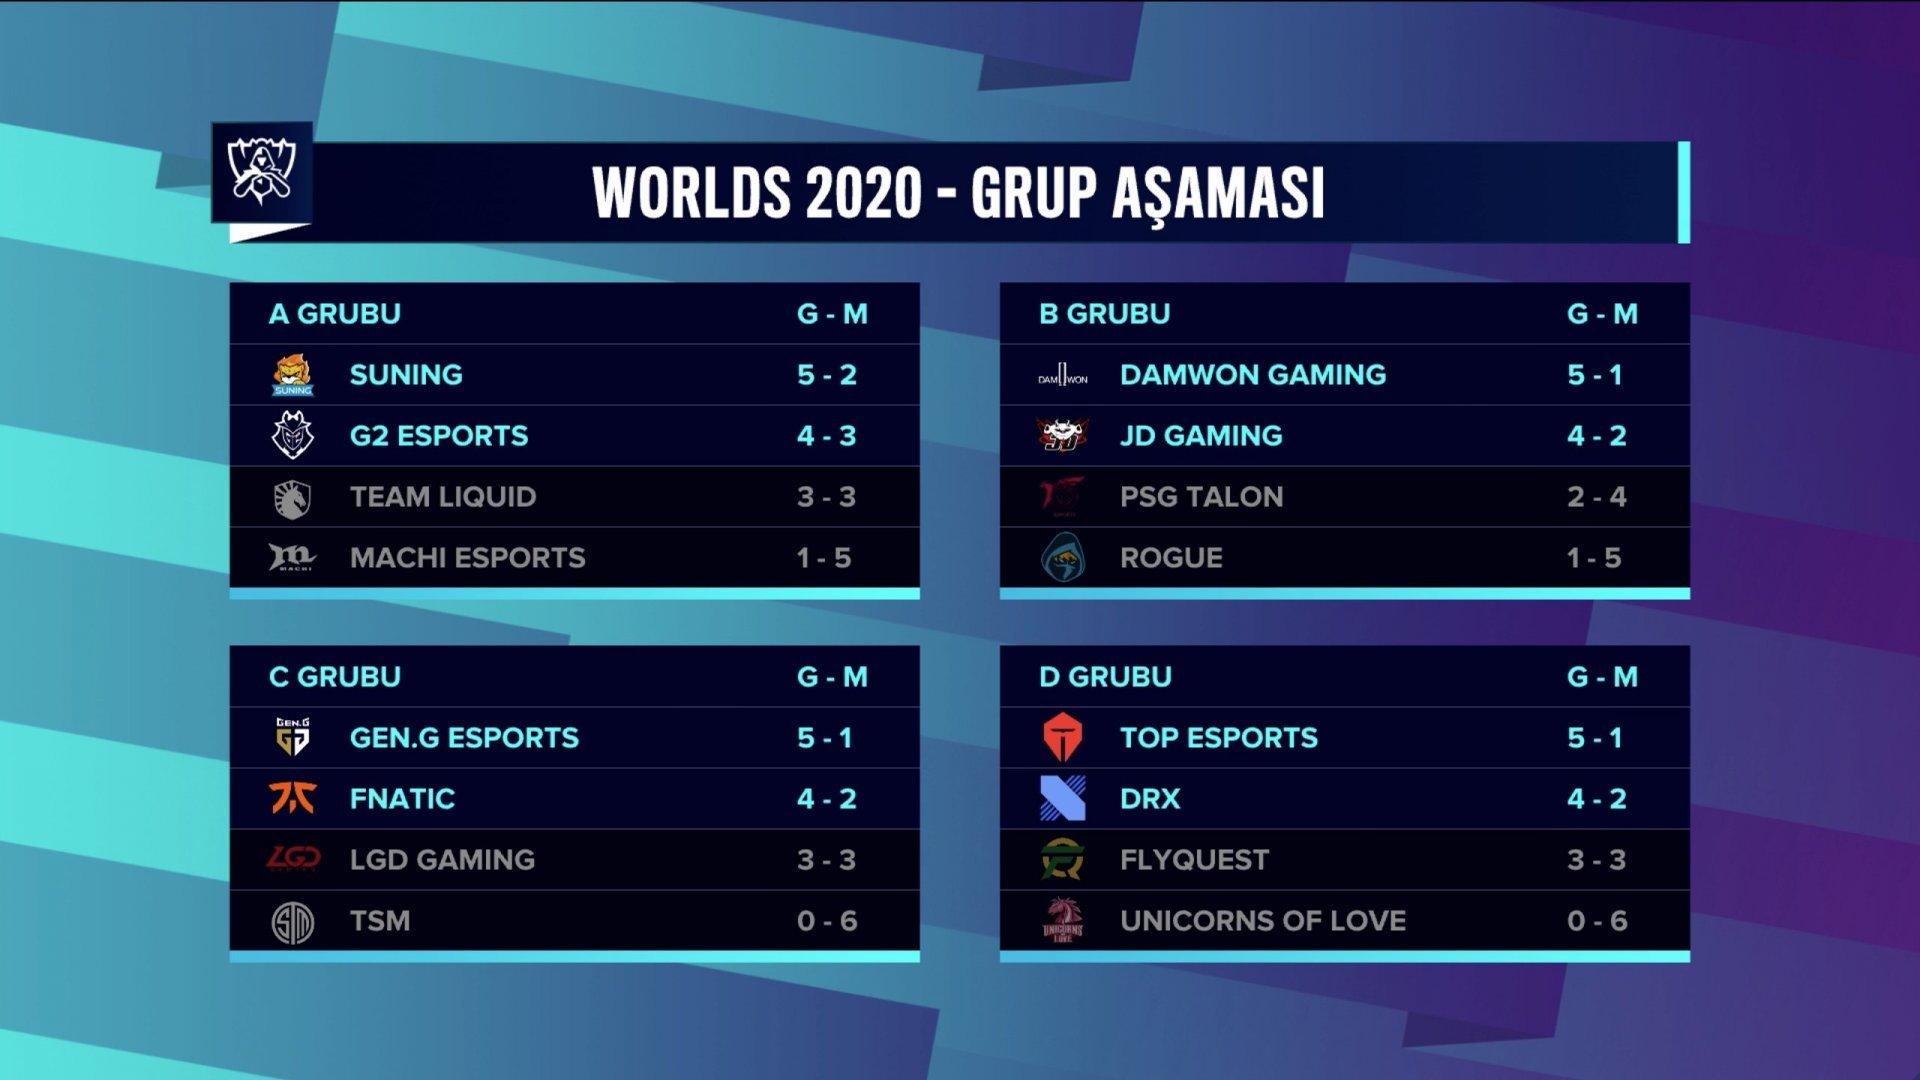 Worlds 2020 Grup aşaması tamamlandı.